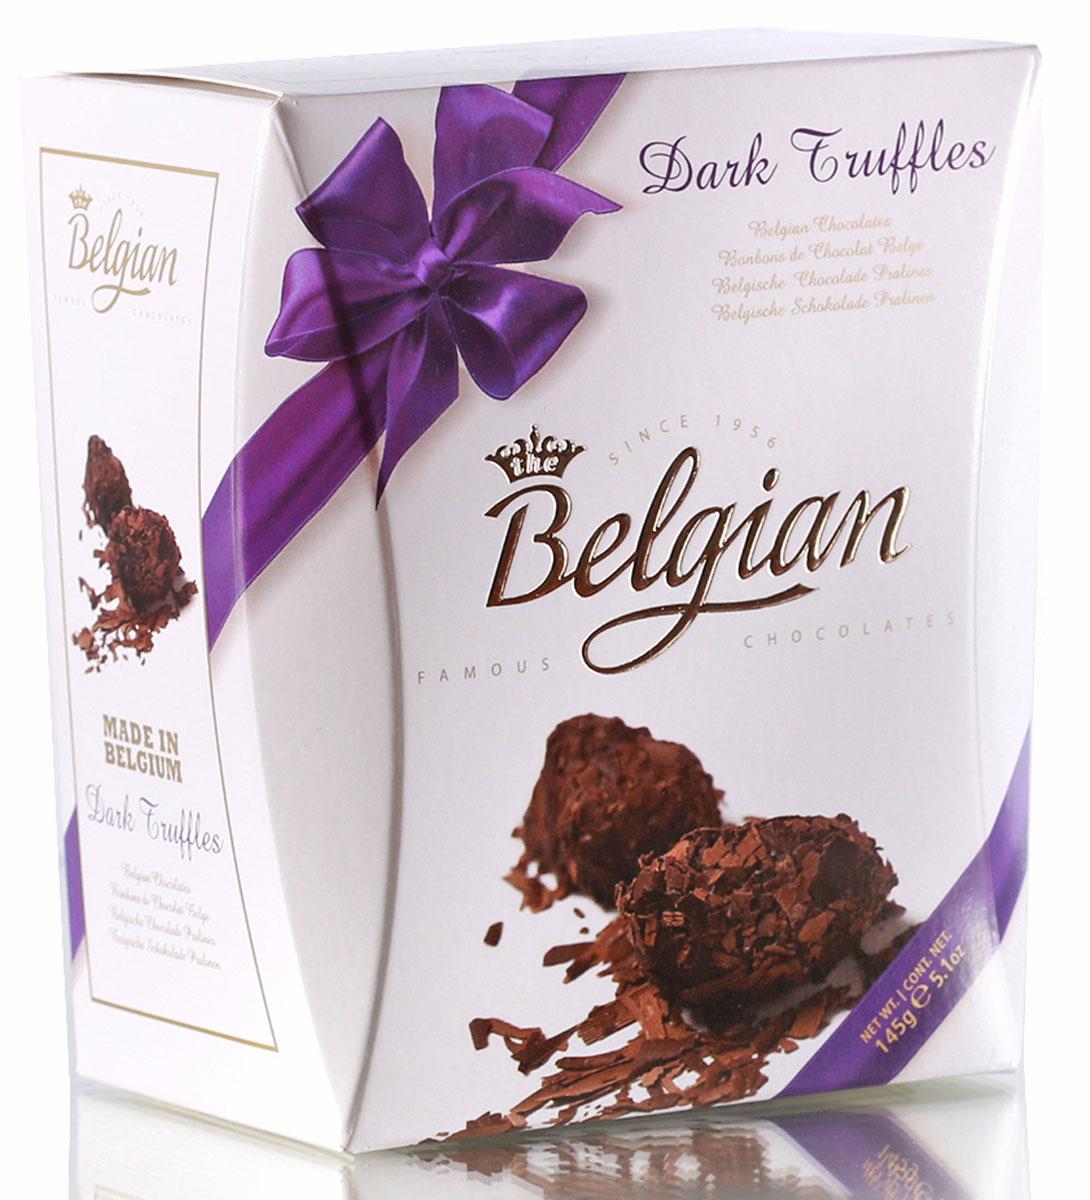 The Belgian Трюфели из горького шоколада в хлопьях, 145 г the belgian трюфели с кусочками апельсинов 200 г